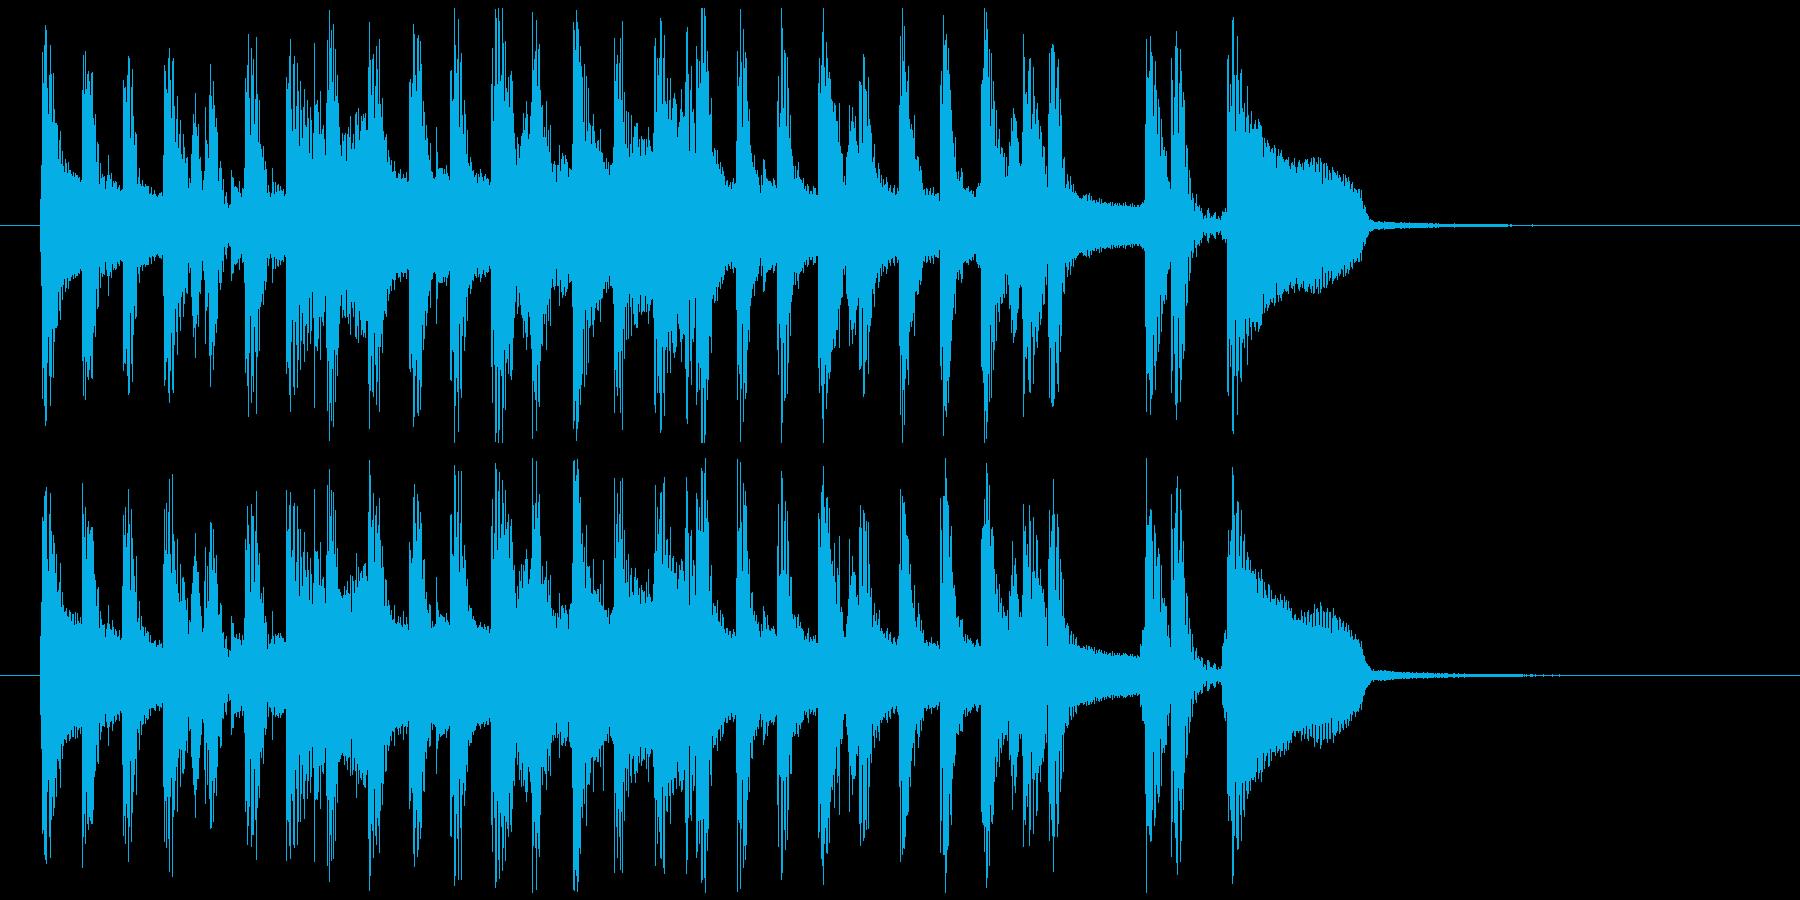 ポップなジャズ調ジングルですの再生済みの波形